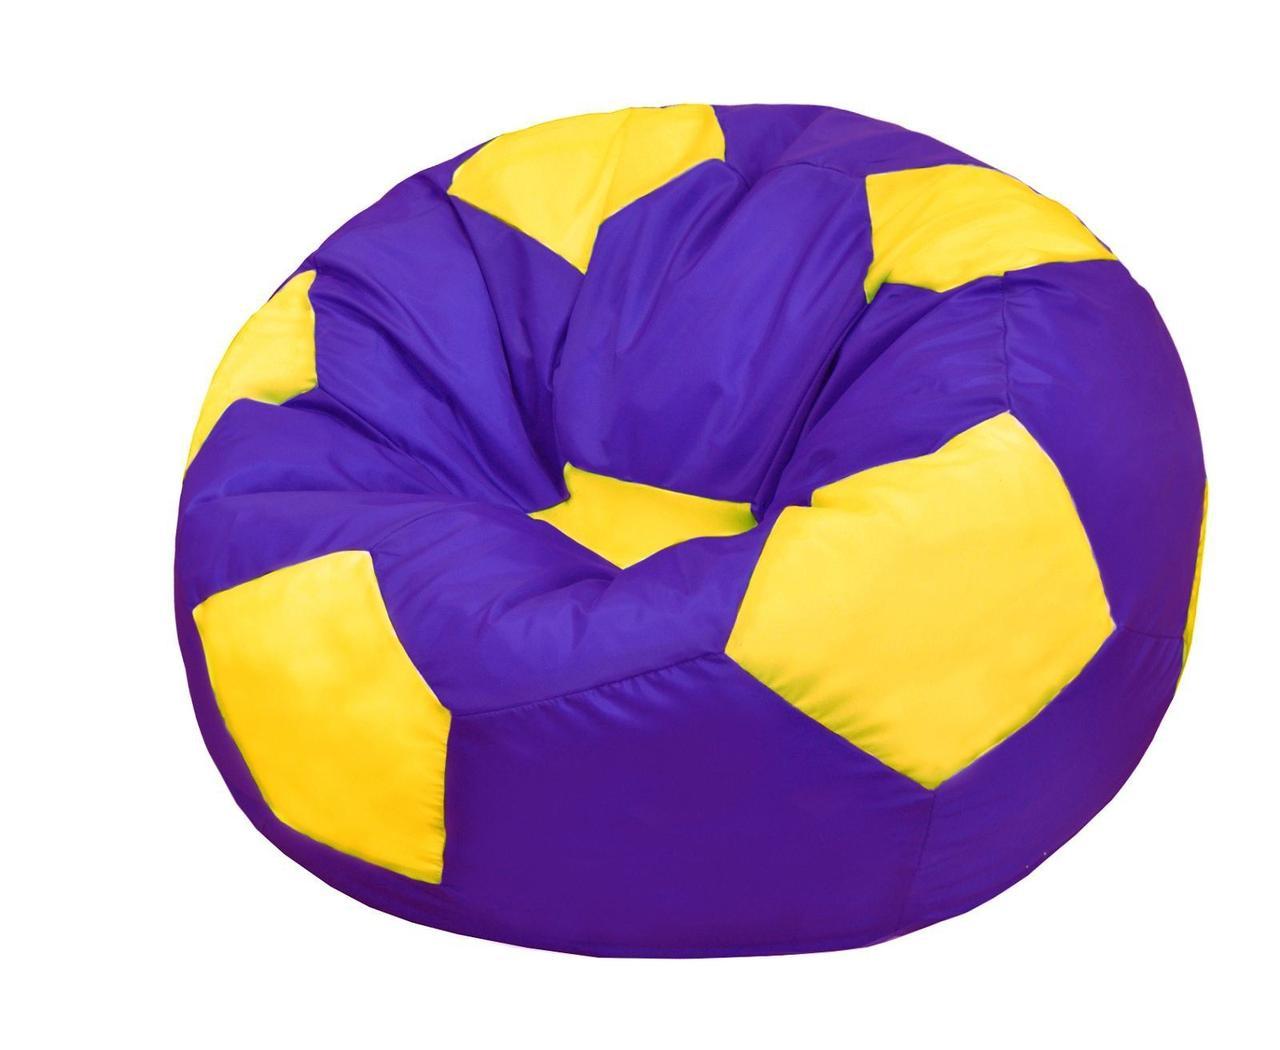 Пуф-мешок Мяч БМО6 фиолетово-желтый (оксфорд)  110х110см.